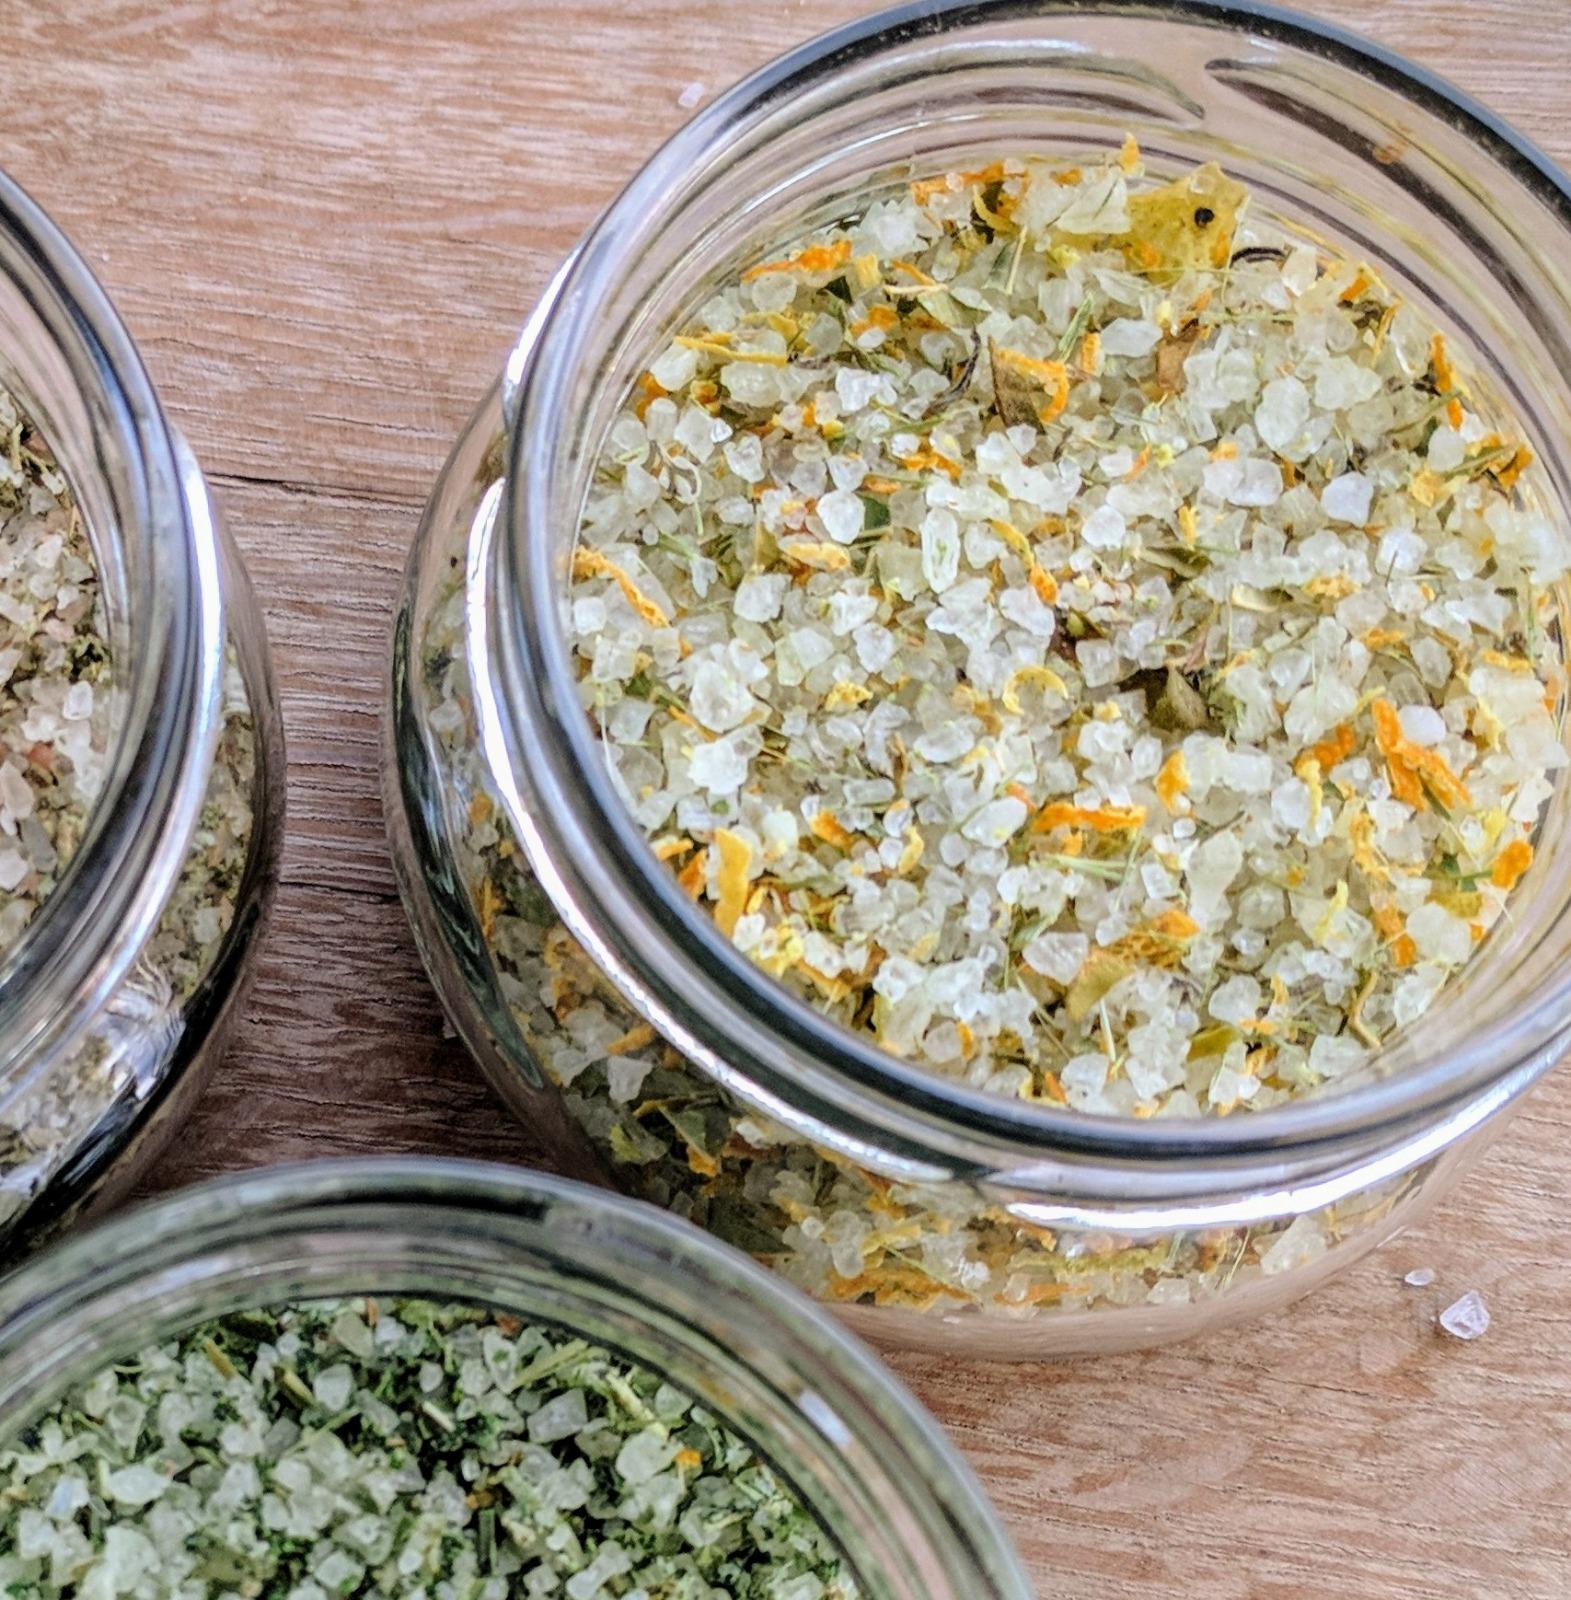 מלח צמחי מרפא אורגני, לימוני - 50 גרם